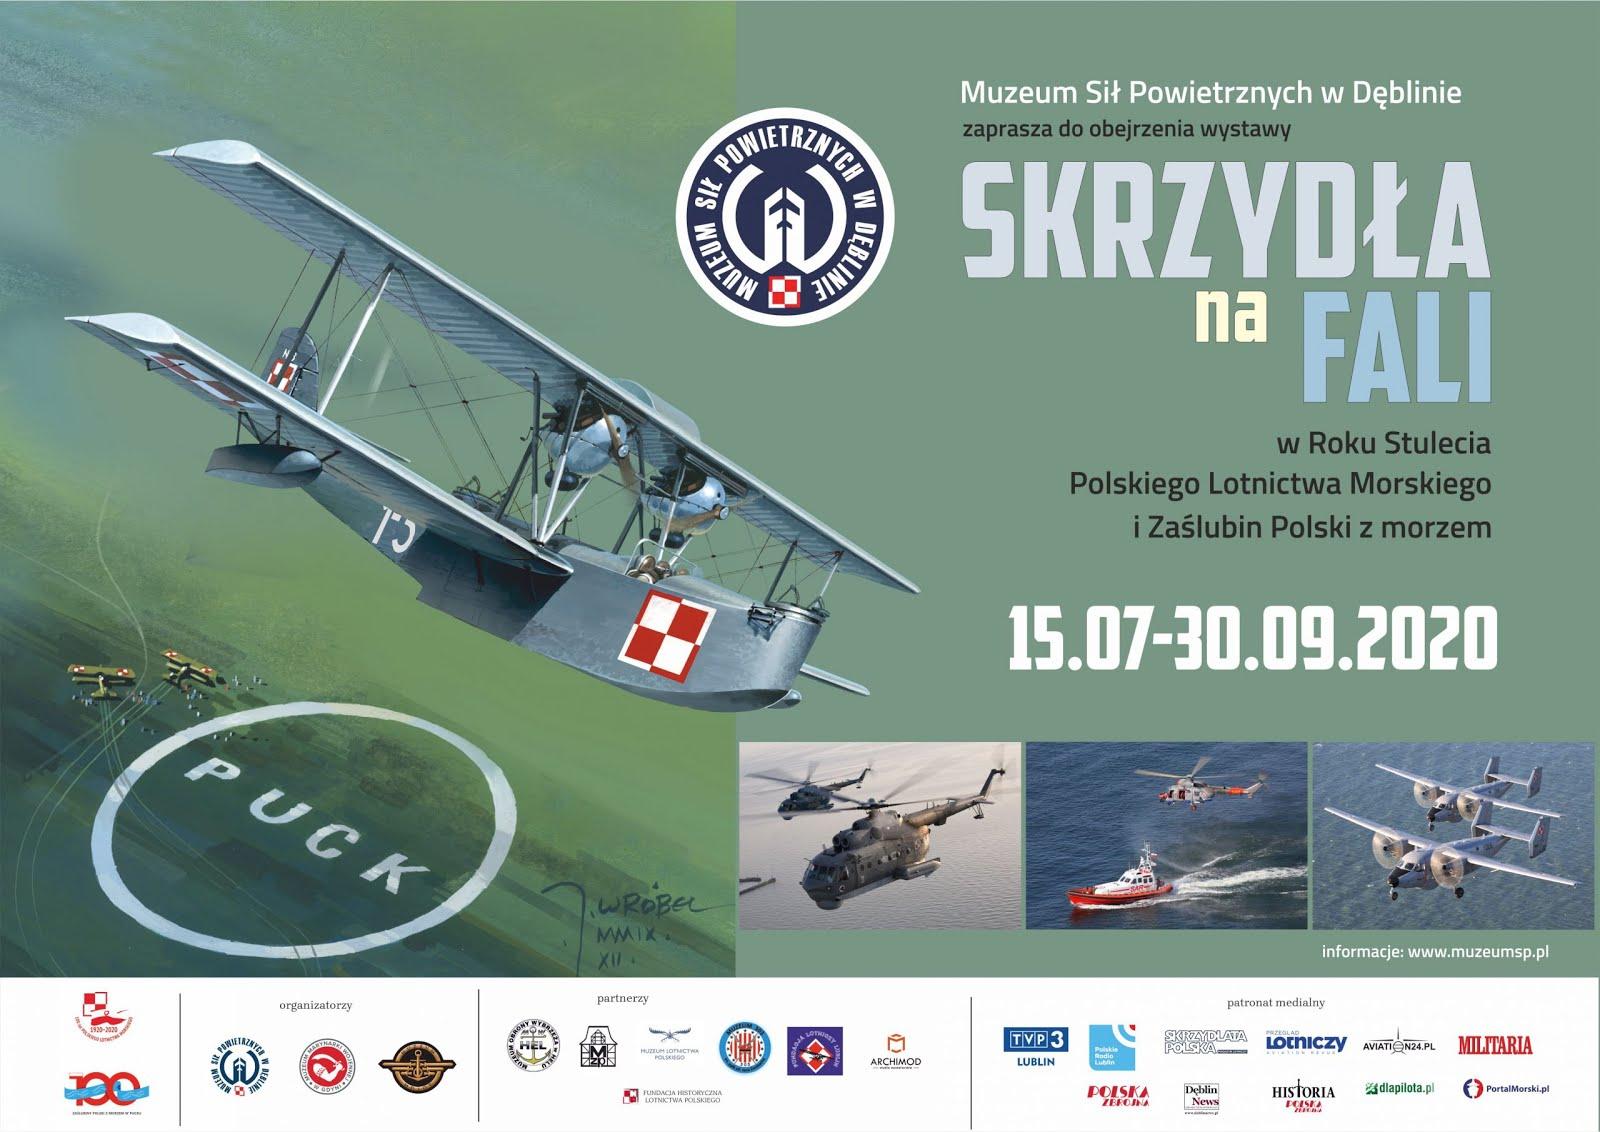 100-lecie polskiego lotnictwa morskiego